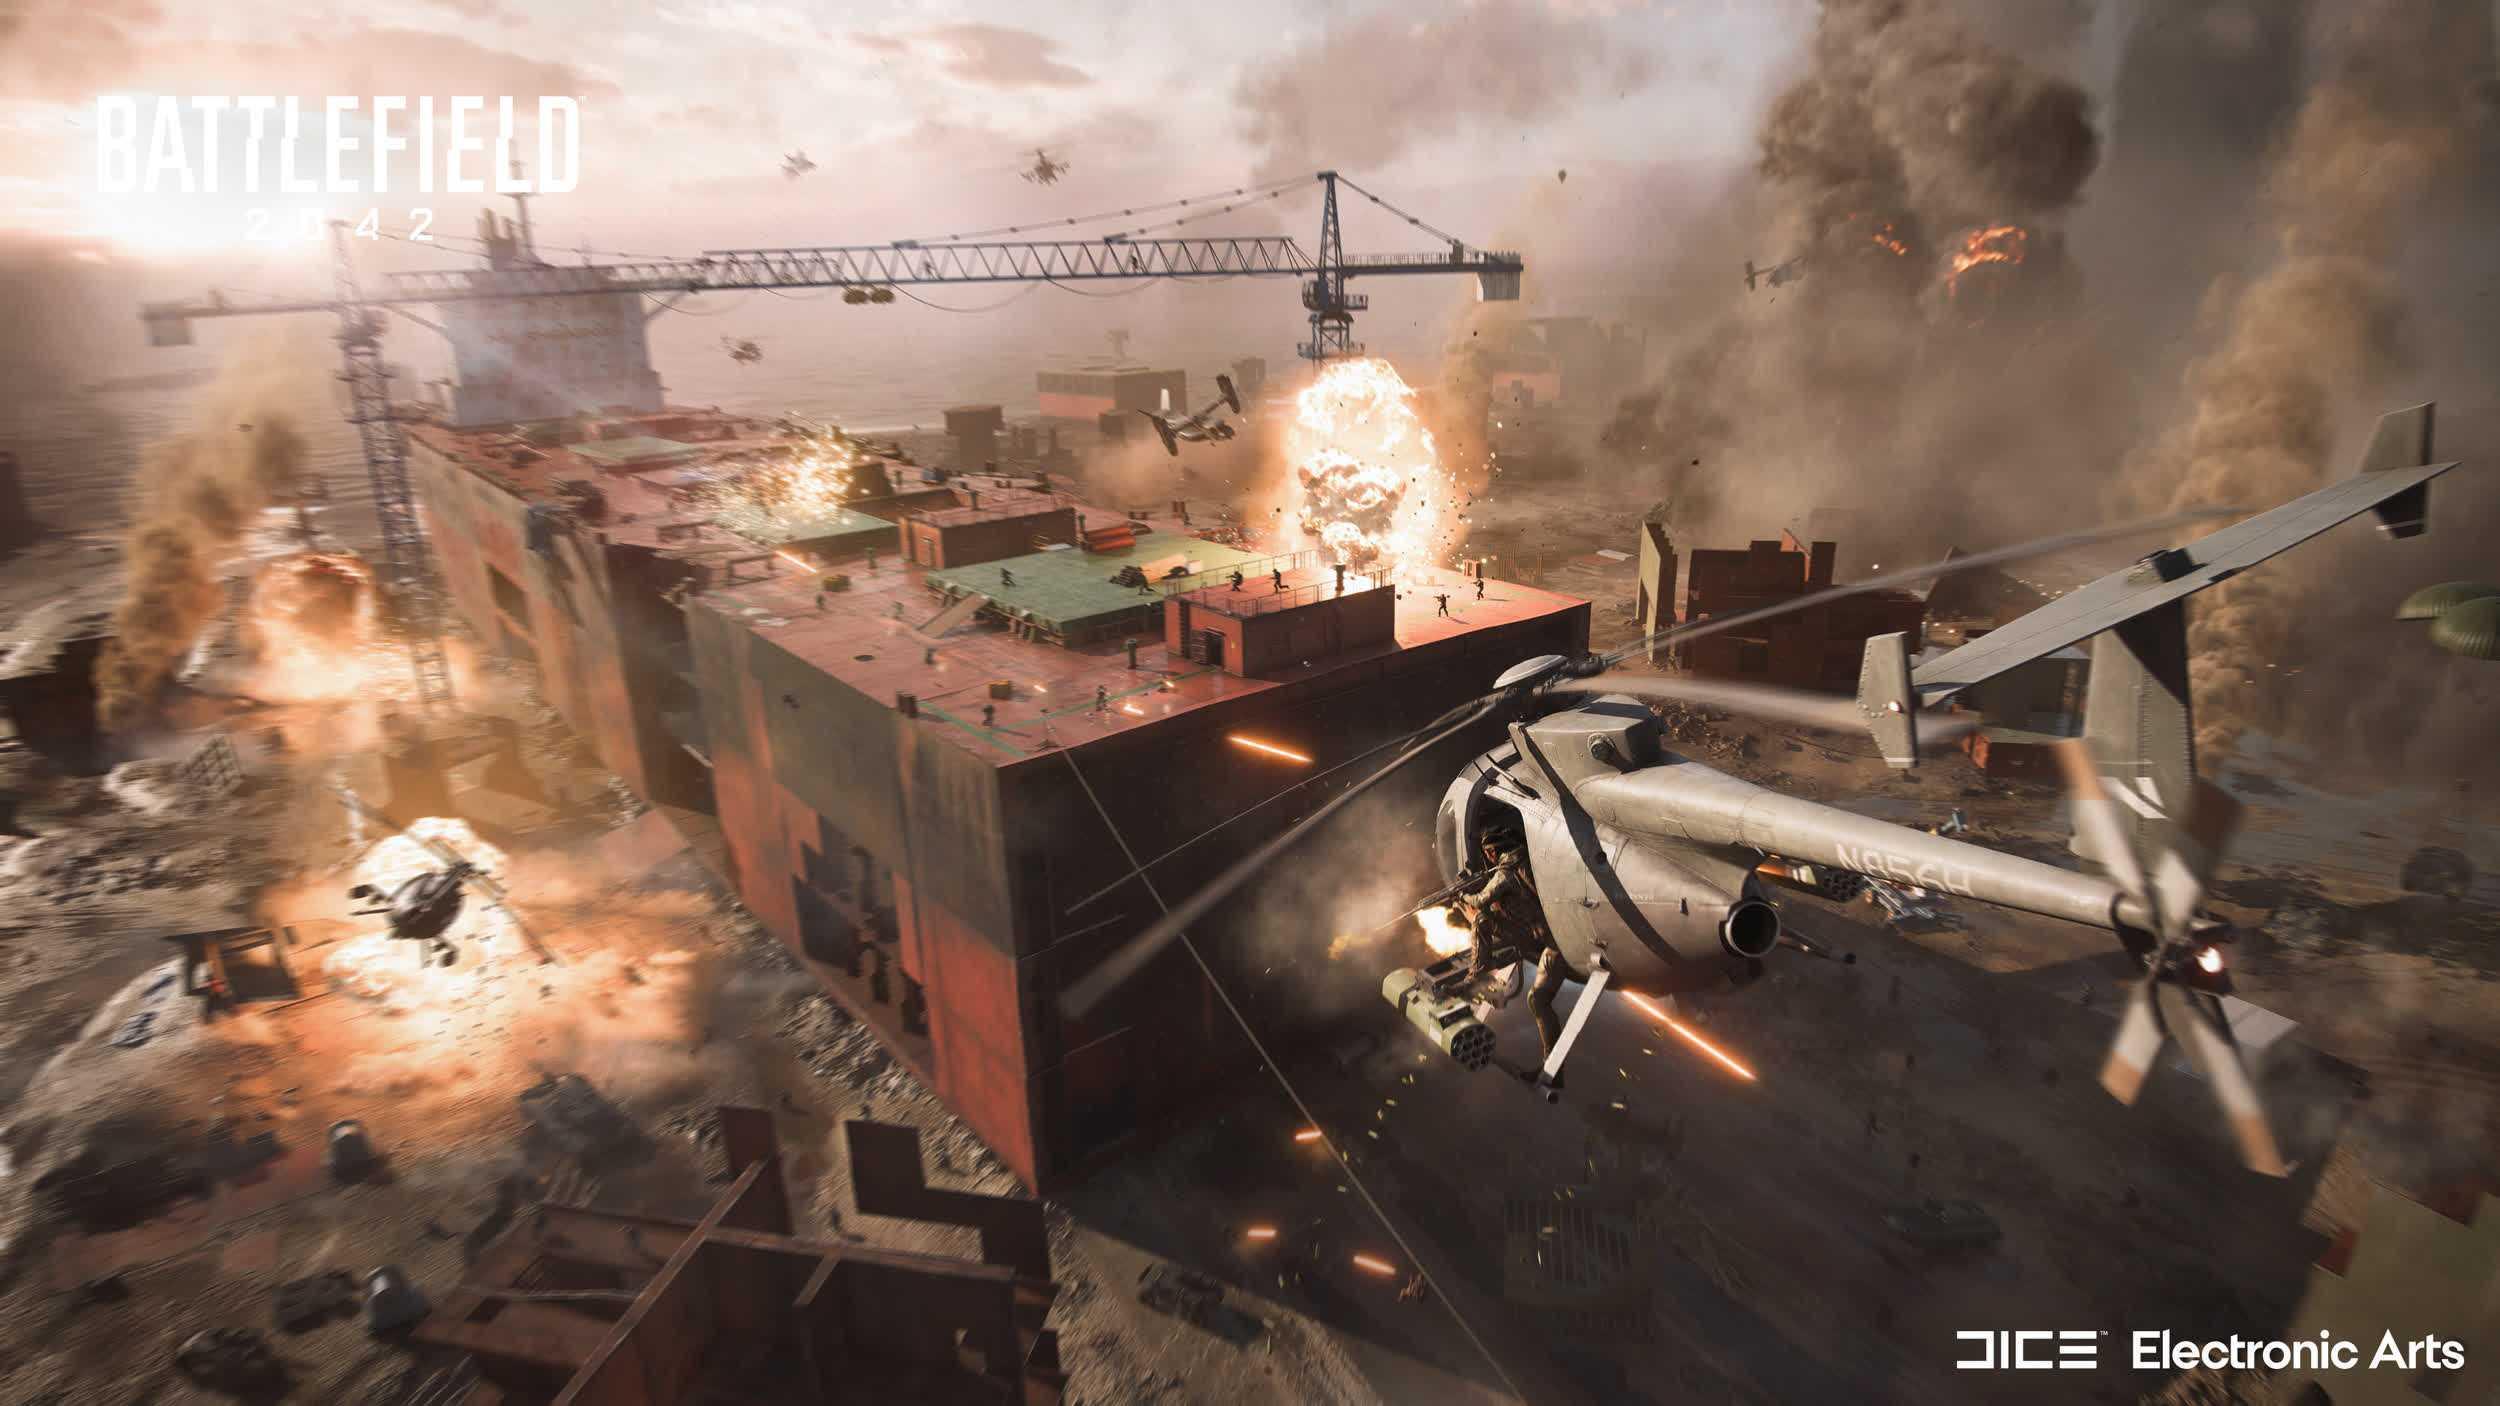 Battlefield 2042 un jeu de tir multijoueur futuriste avec